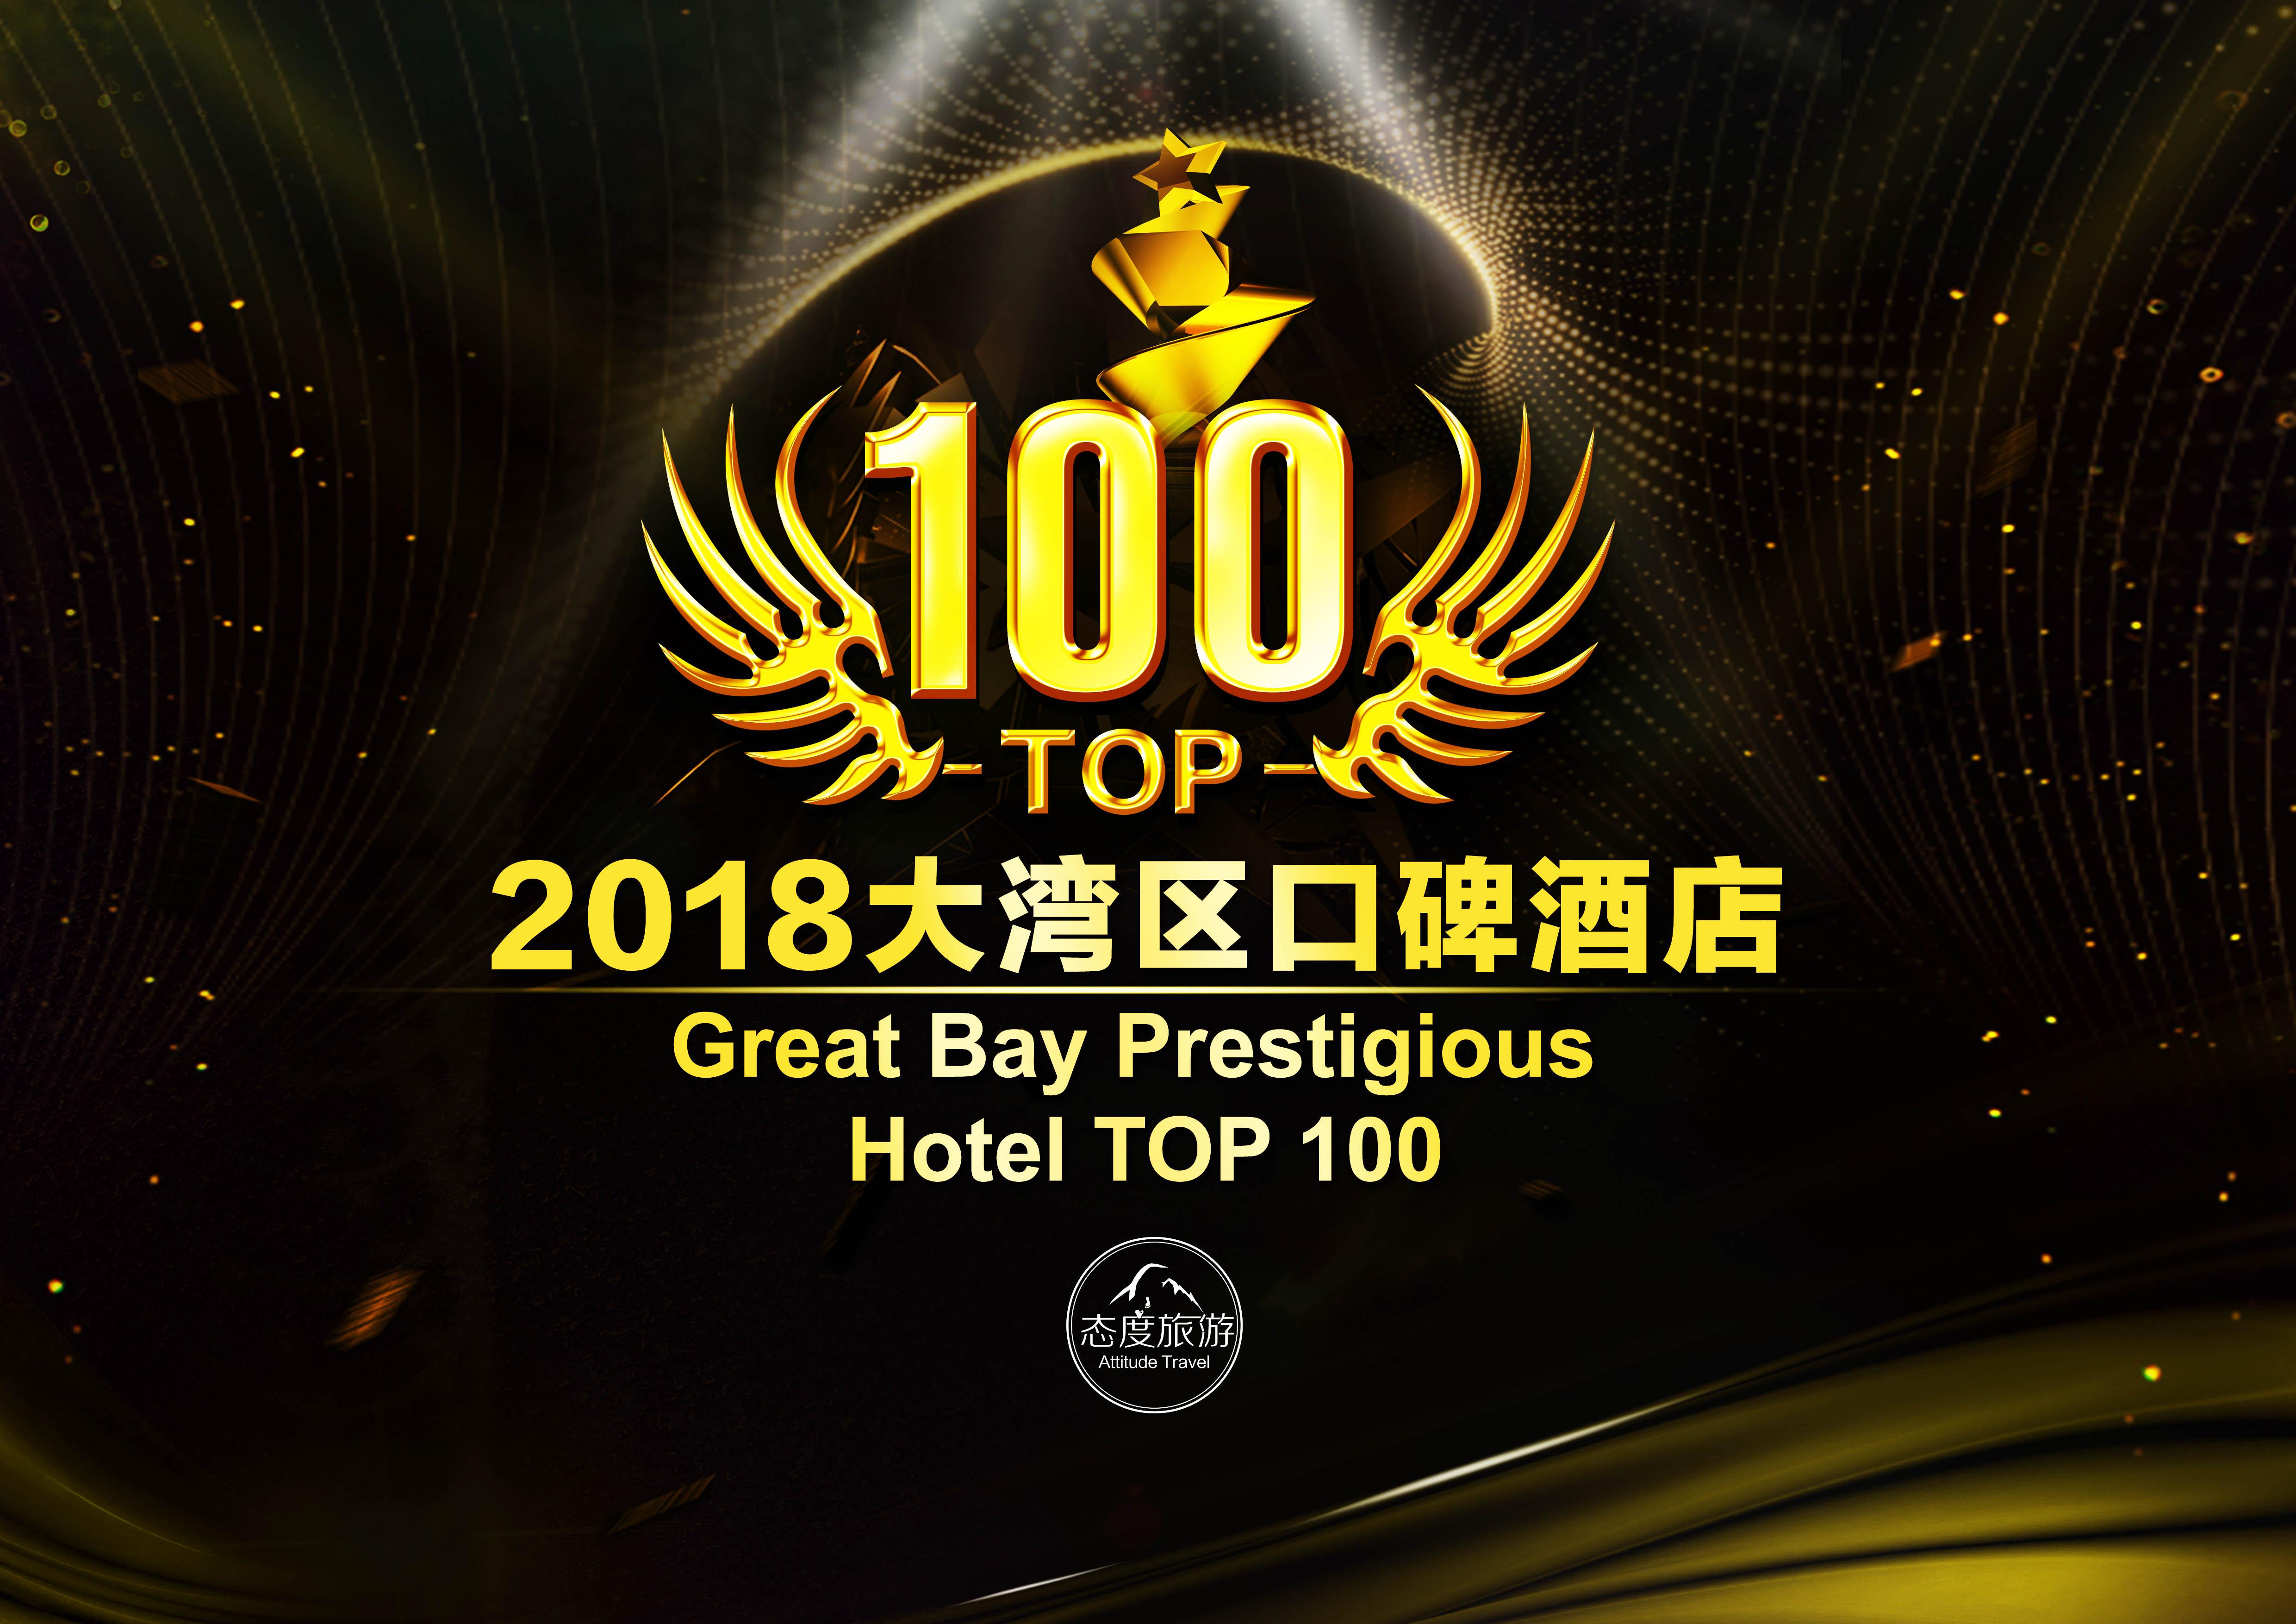 2018粤港澳大湾区口碑酒店Top100评选活动正式启动   选出最